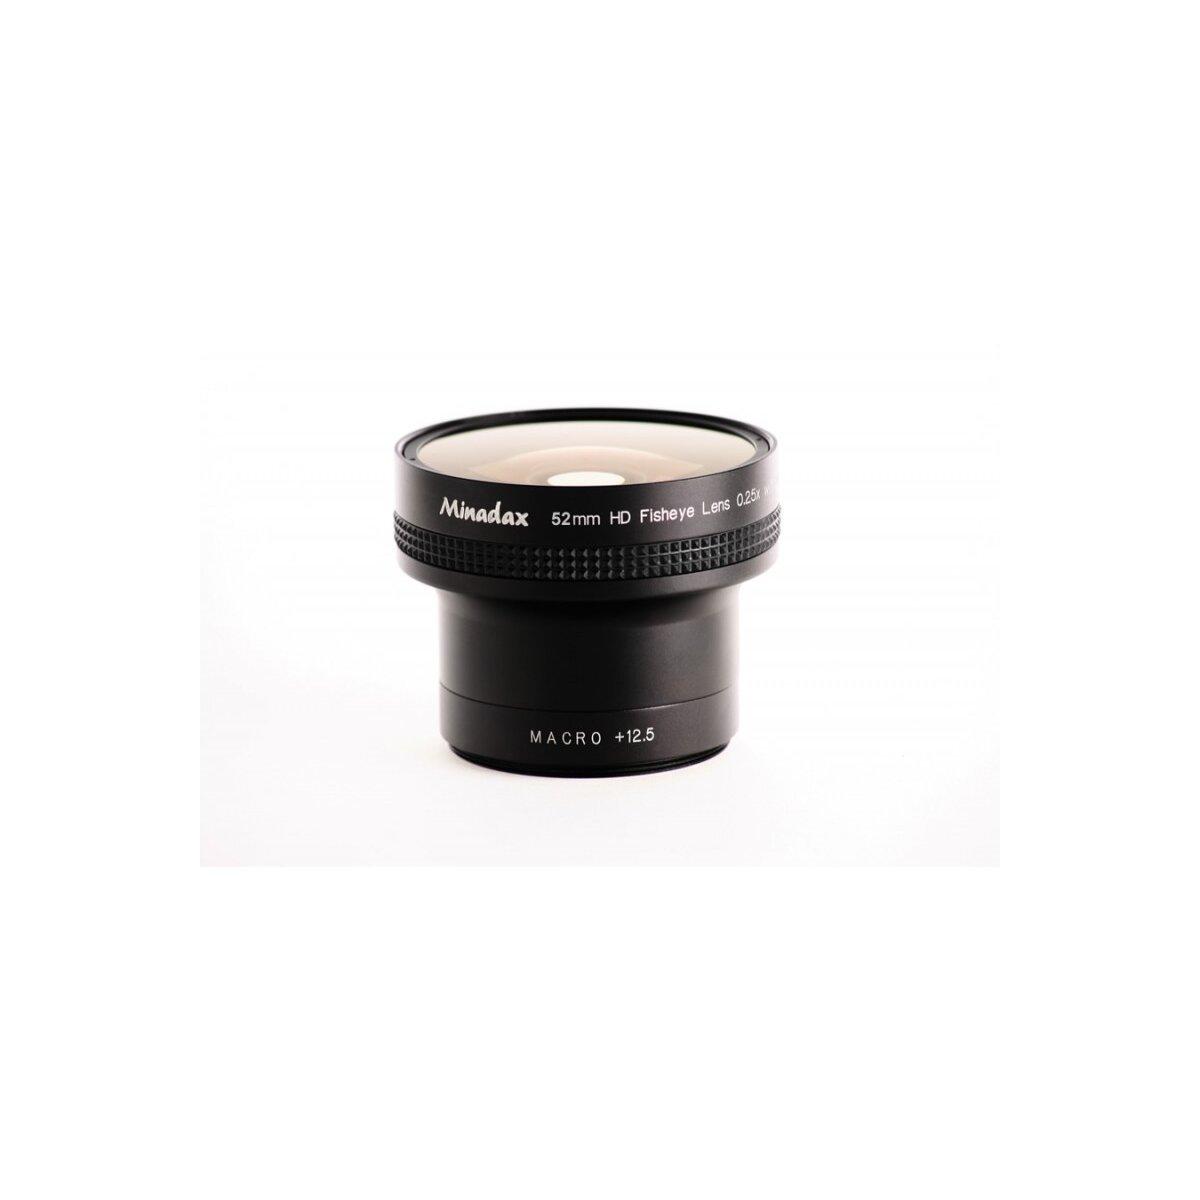 Minadax 0.25x Fisheye Vorsatz kompatibel mit Canon Powershot A30, A40 - in schwarz